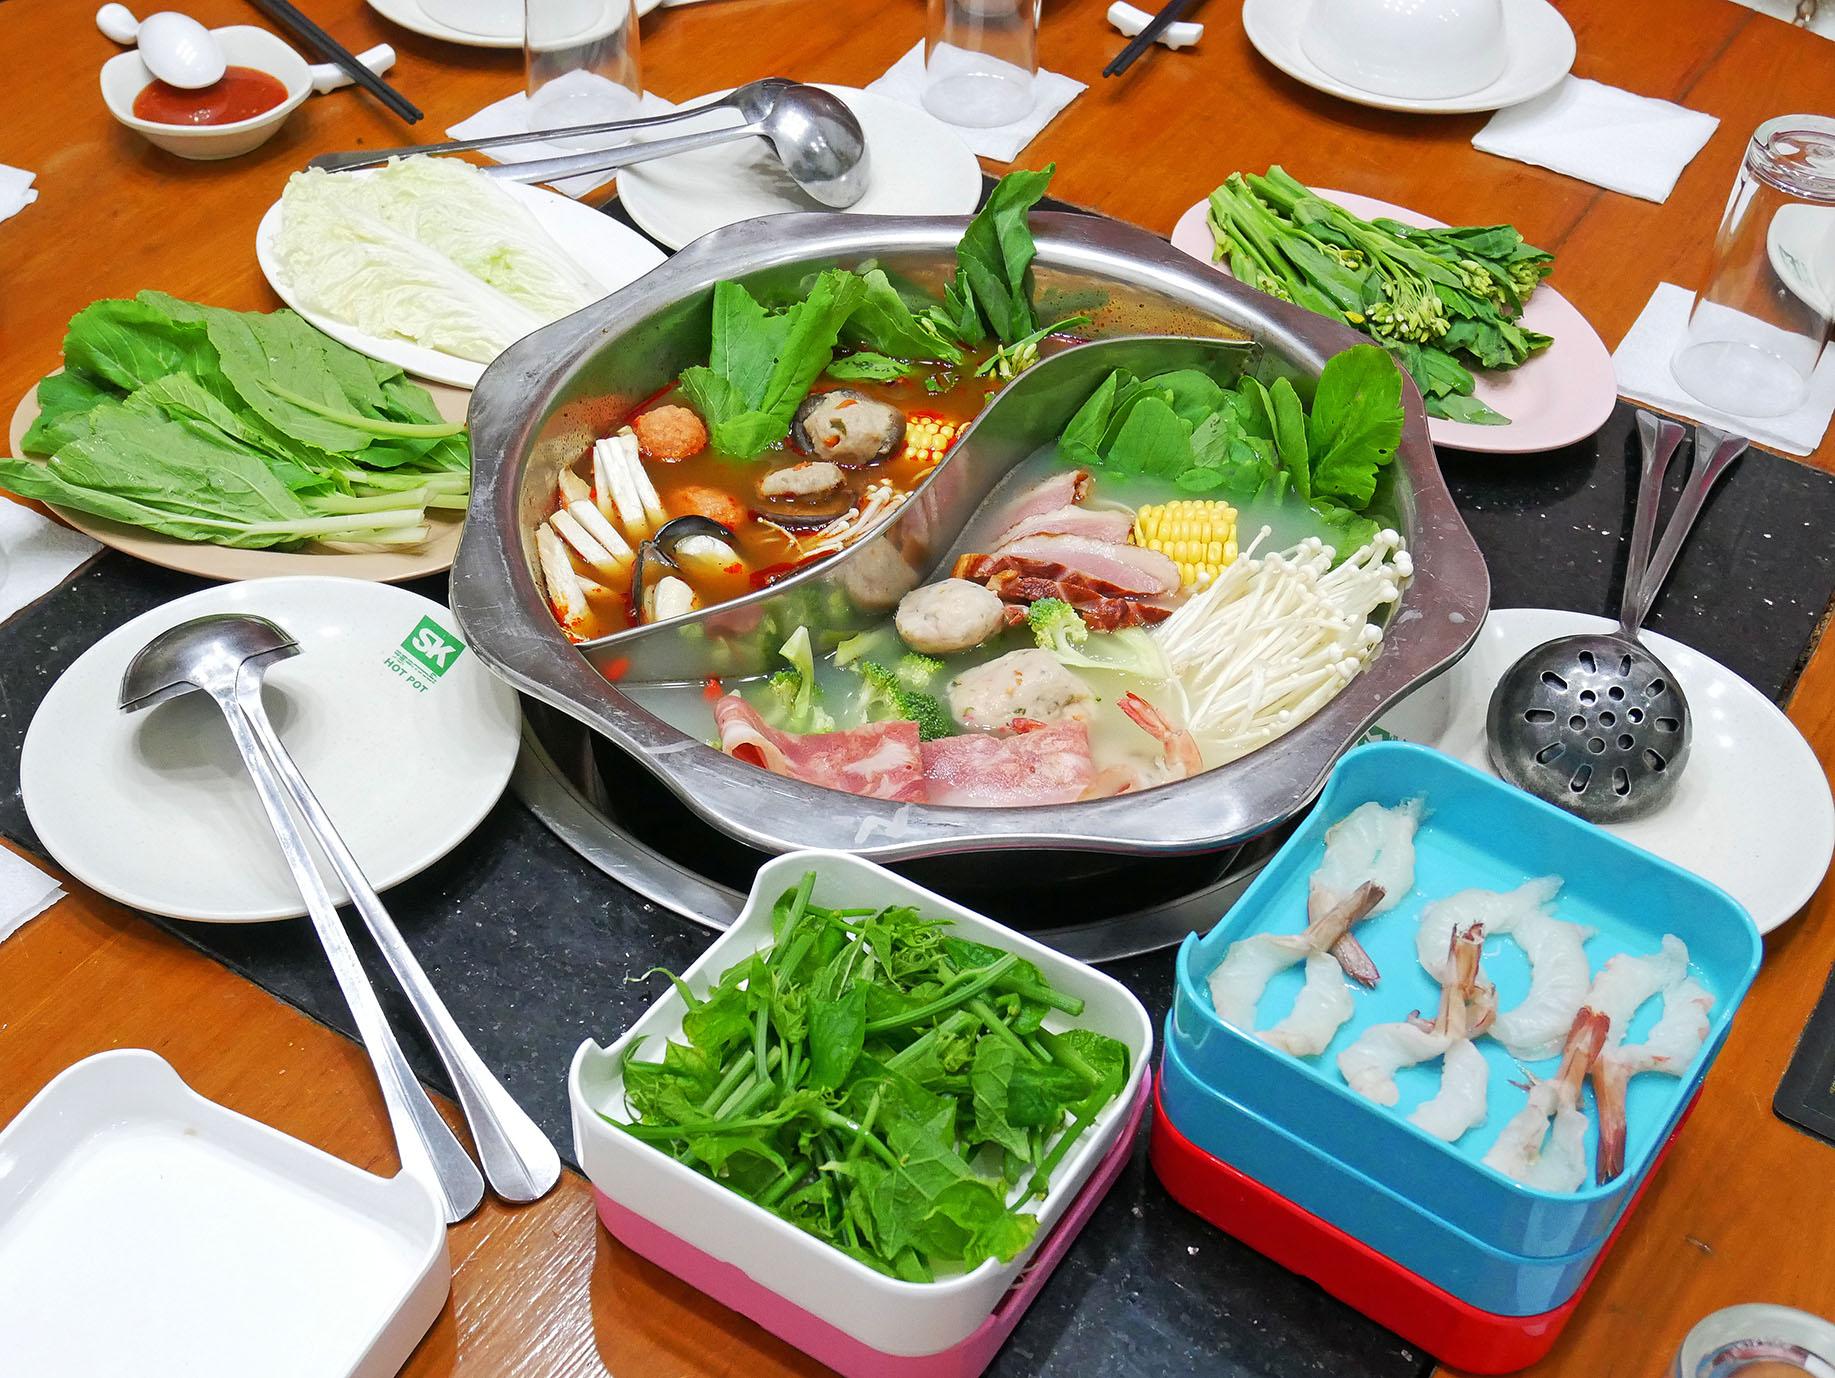 Shwe Kaung (Kamayut Brunch) 住所:Nar Nattaw Rd., Kamayut Tsp. 電話:01-537731 営業時間:9:00~21:30